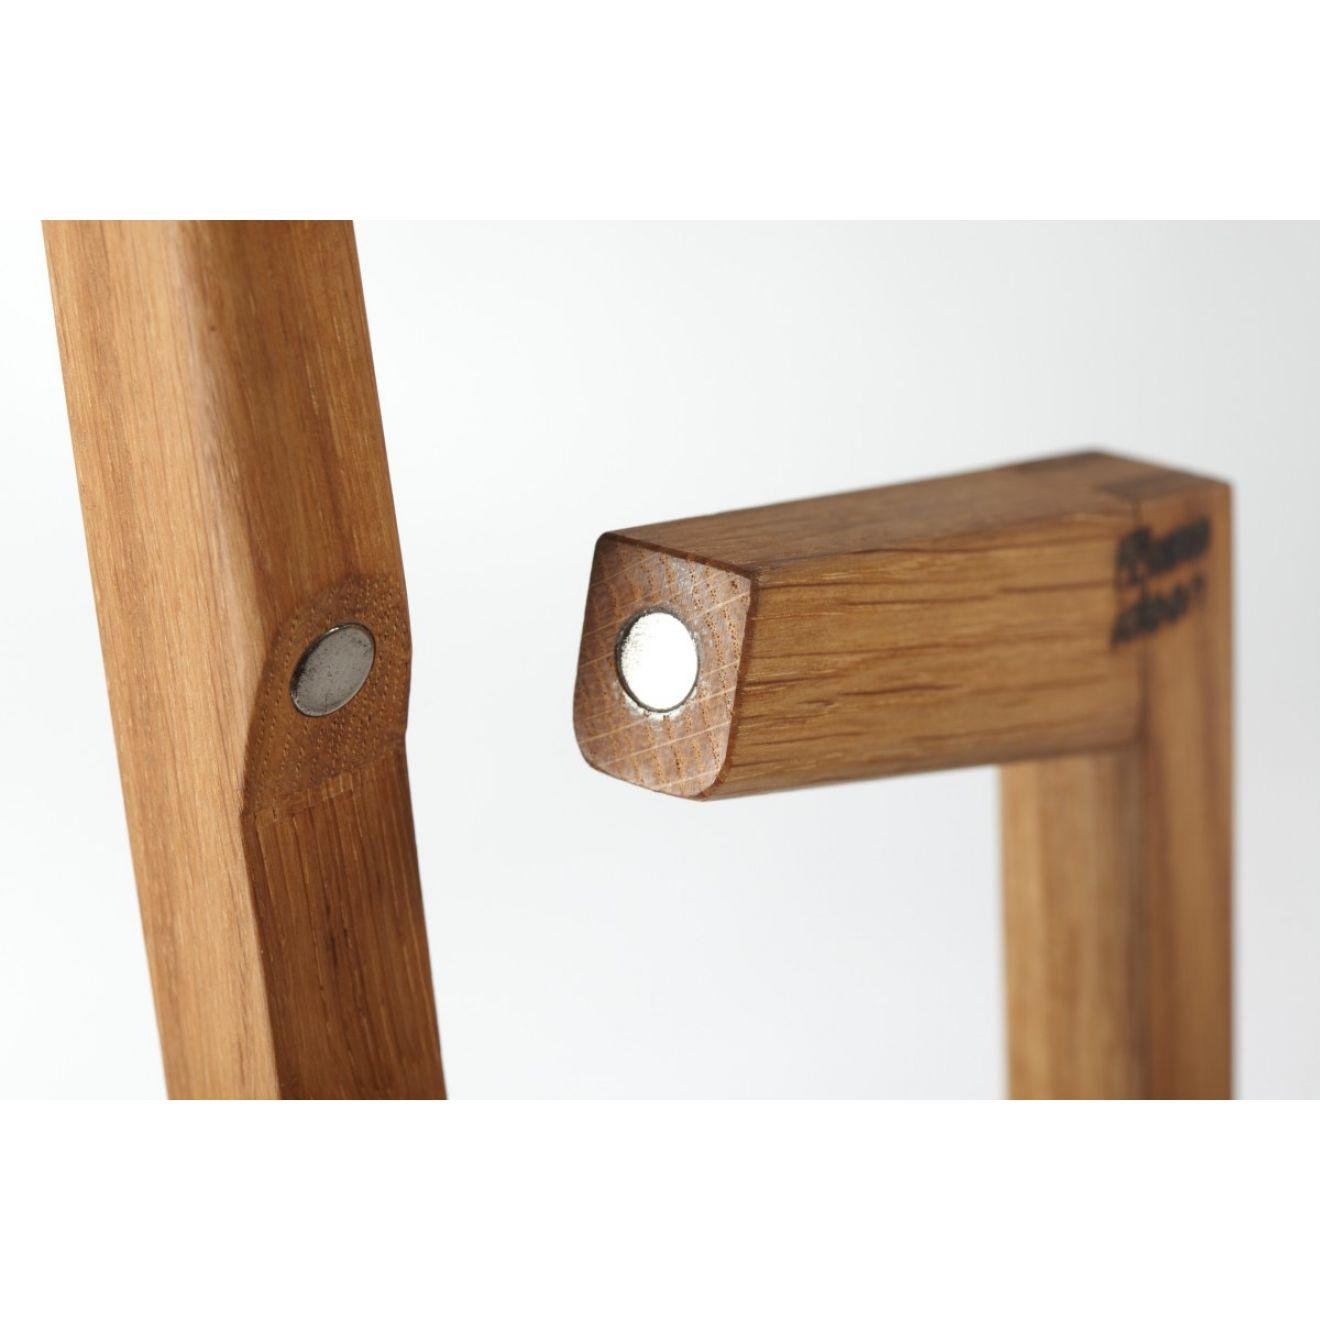 kehrbesen kehrschaufel kehrblech kehrgarnitur kehrset mit langem stiel wertprodukte. Black Bedroom Furniture Sets. Home Design Ideas